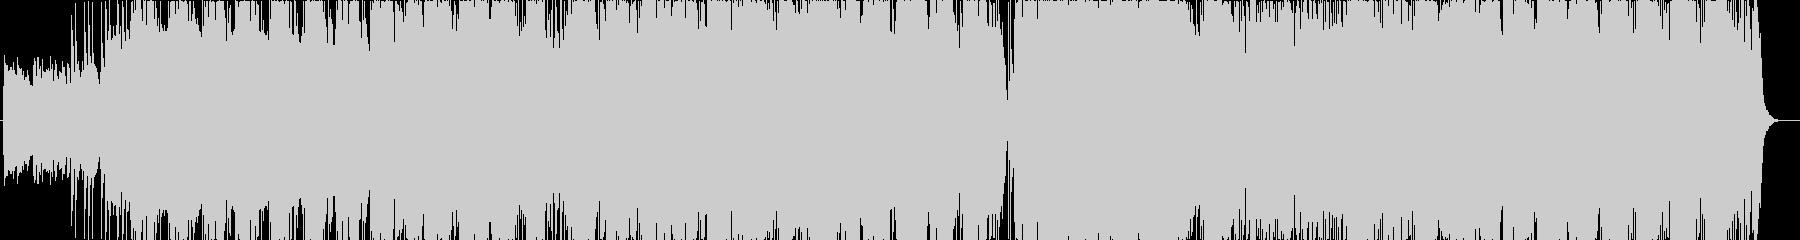 パンク 単純明快の未再生の波形